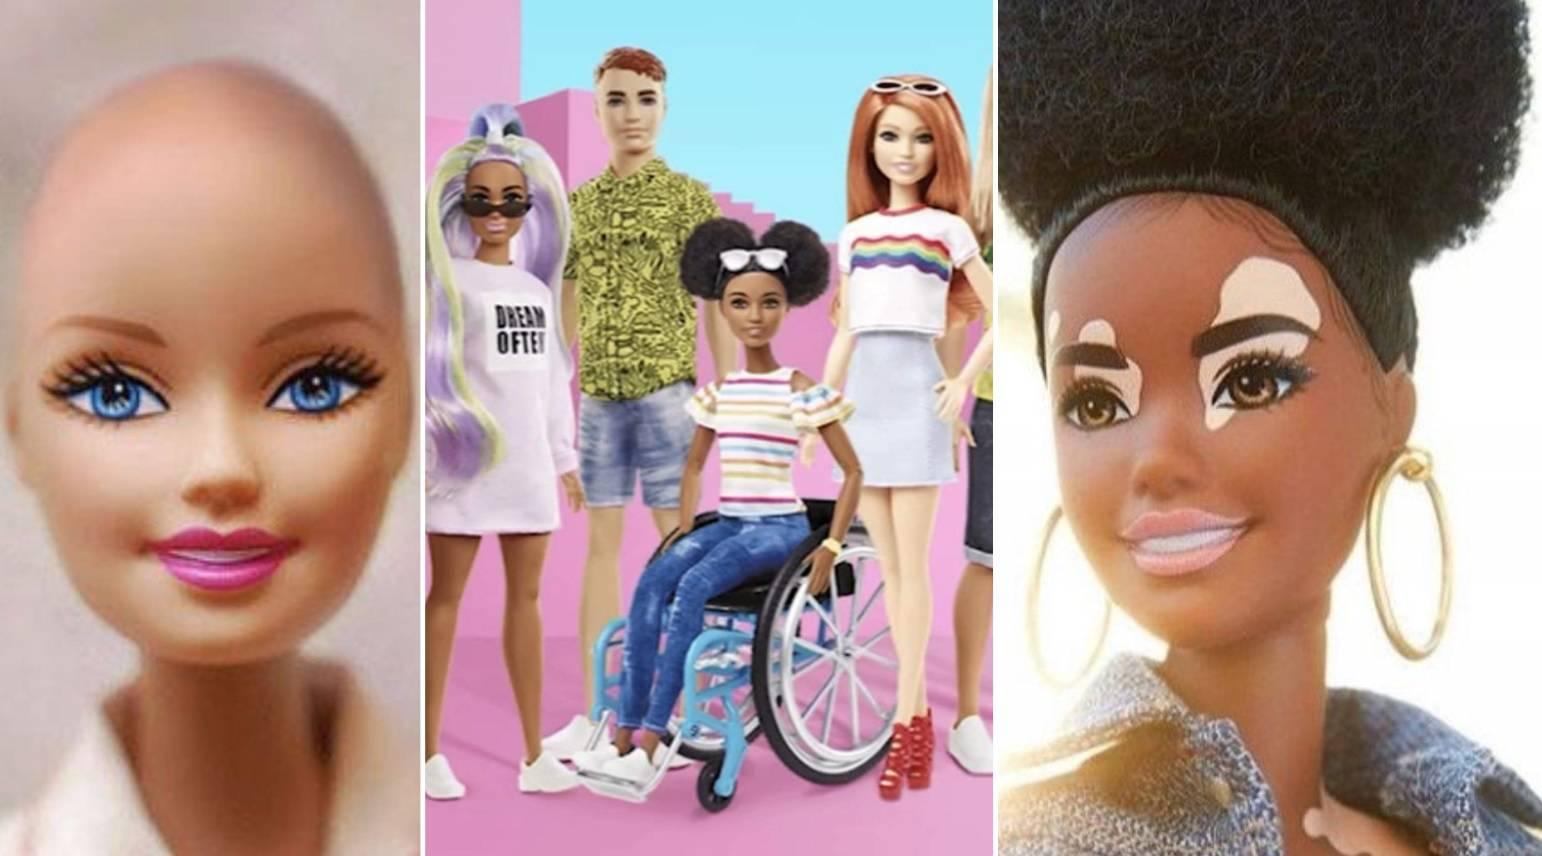 Omiljena lutkica: Barbie odsad dolazi s vitiligom i bez kose